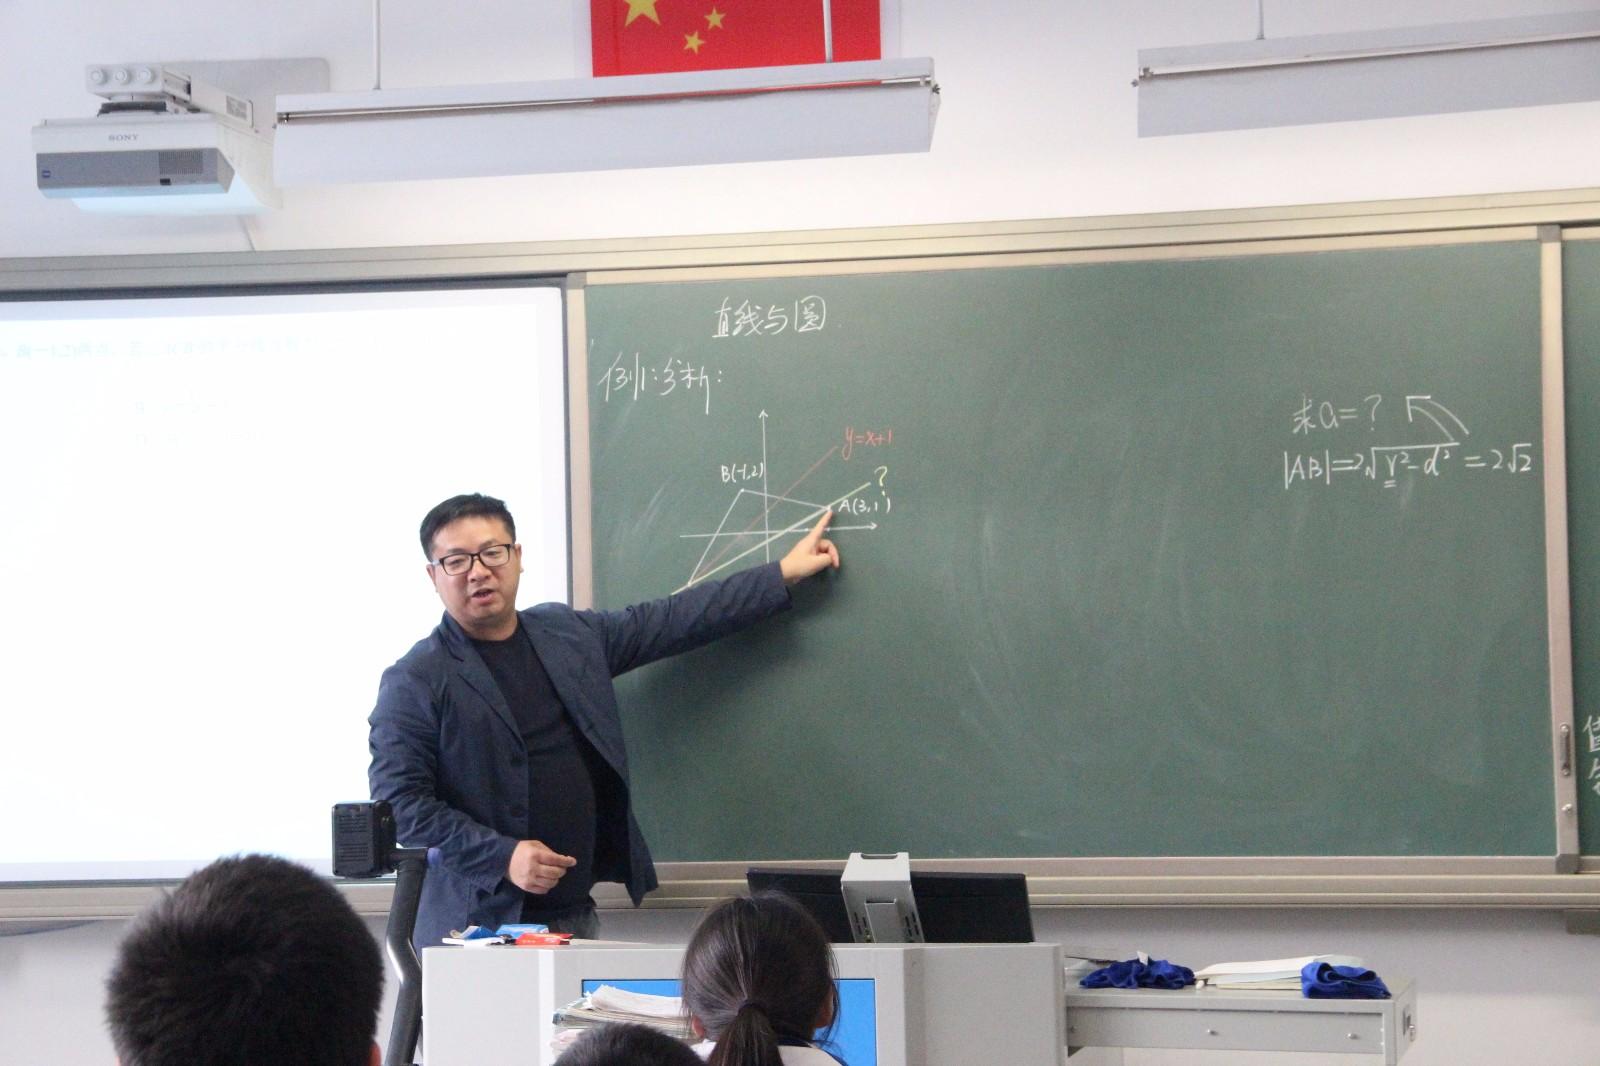 王宇明老师在上课.jpg